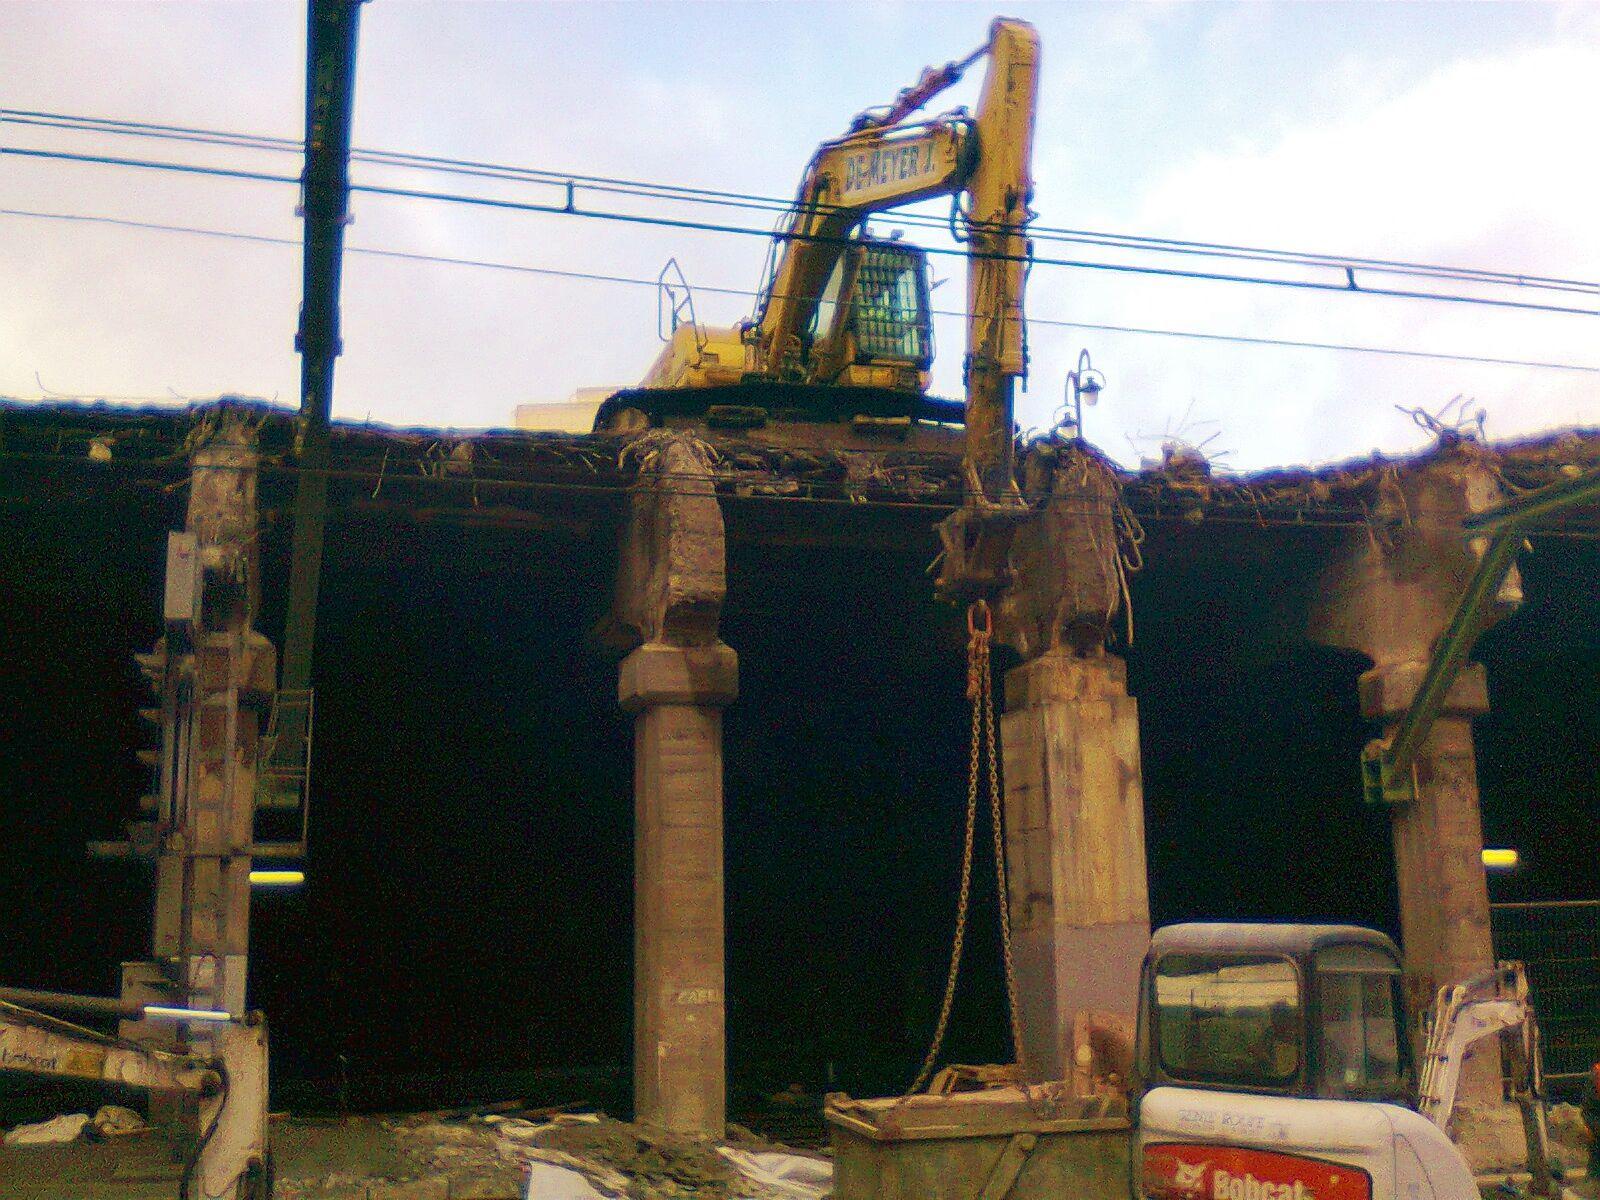 Le 14 décembre : la position de cette machine peut faire peur...  Les voies 2 et 3 sont complètement à ciel ouvert.